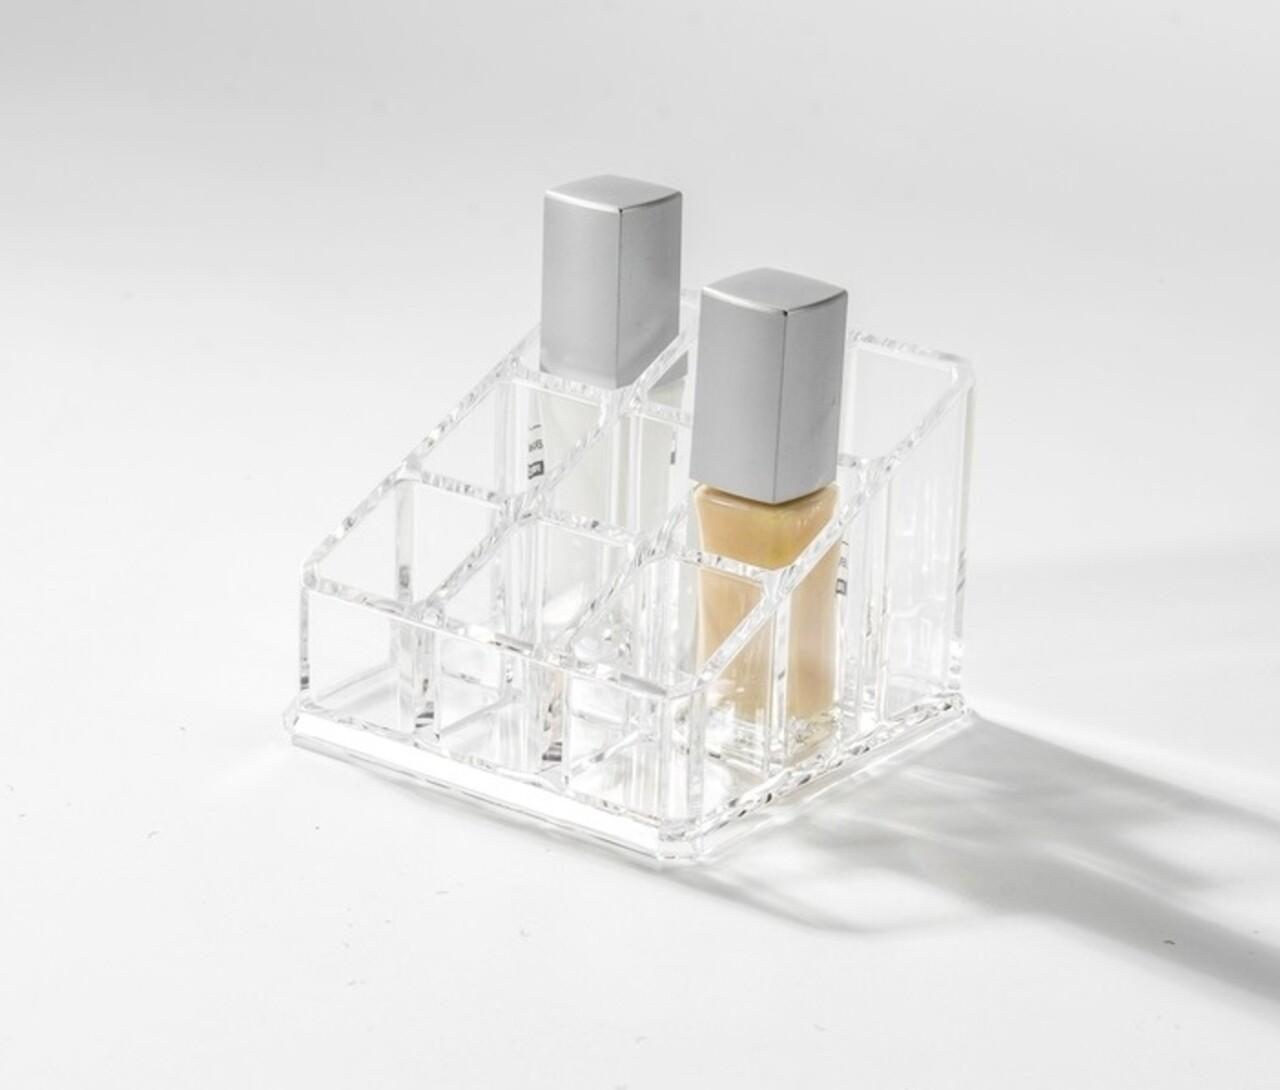 Organizator pentru rujuri Compactor, 9 compartimente, transparent